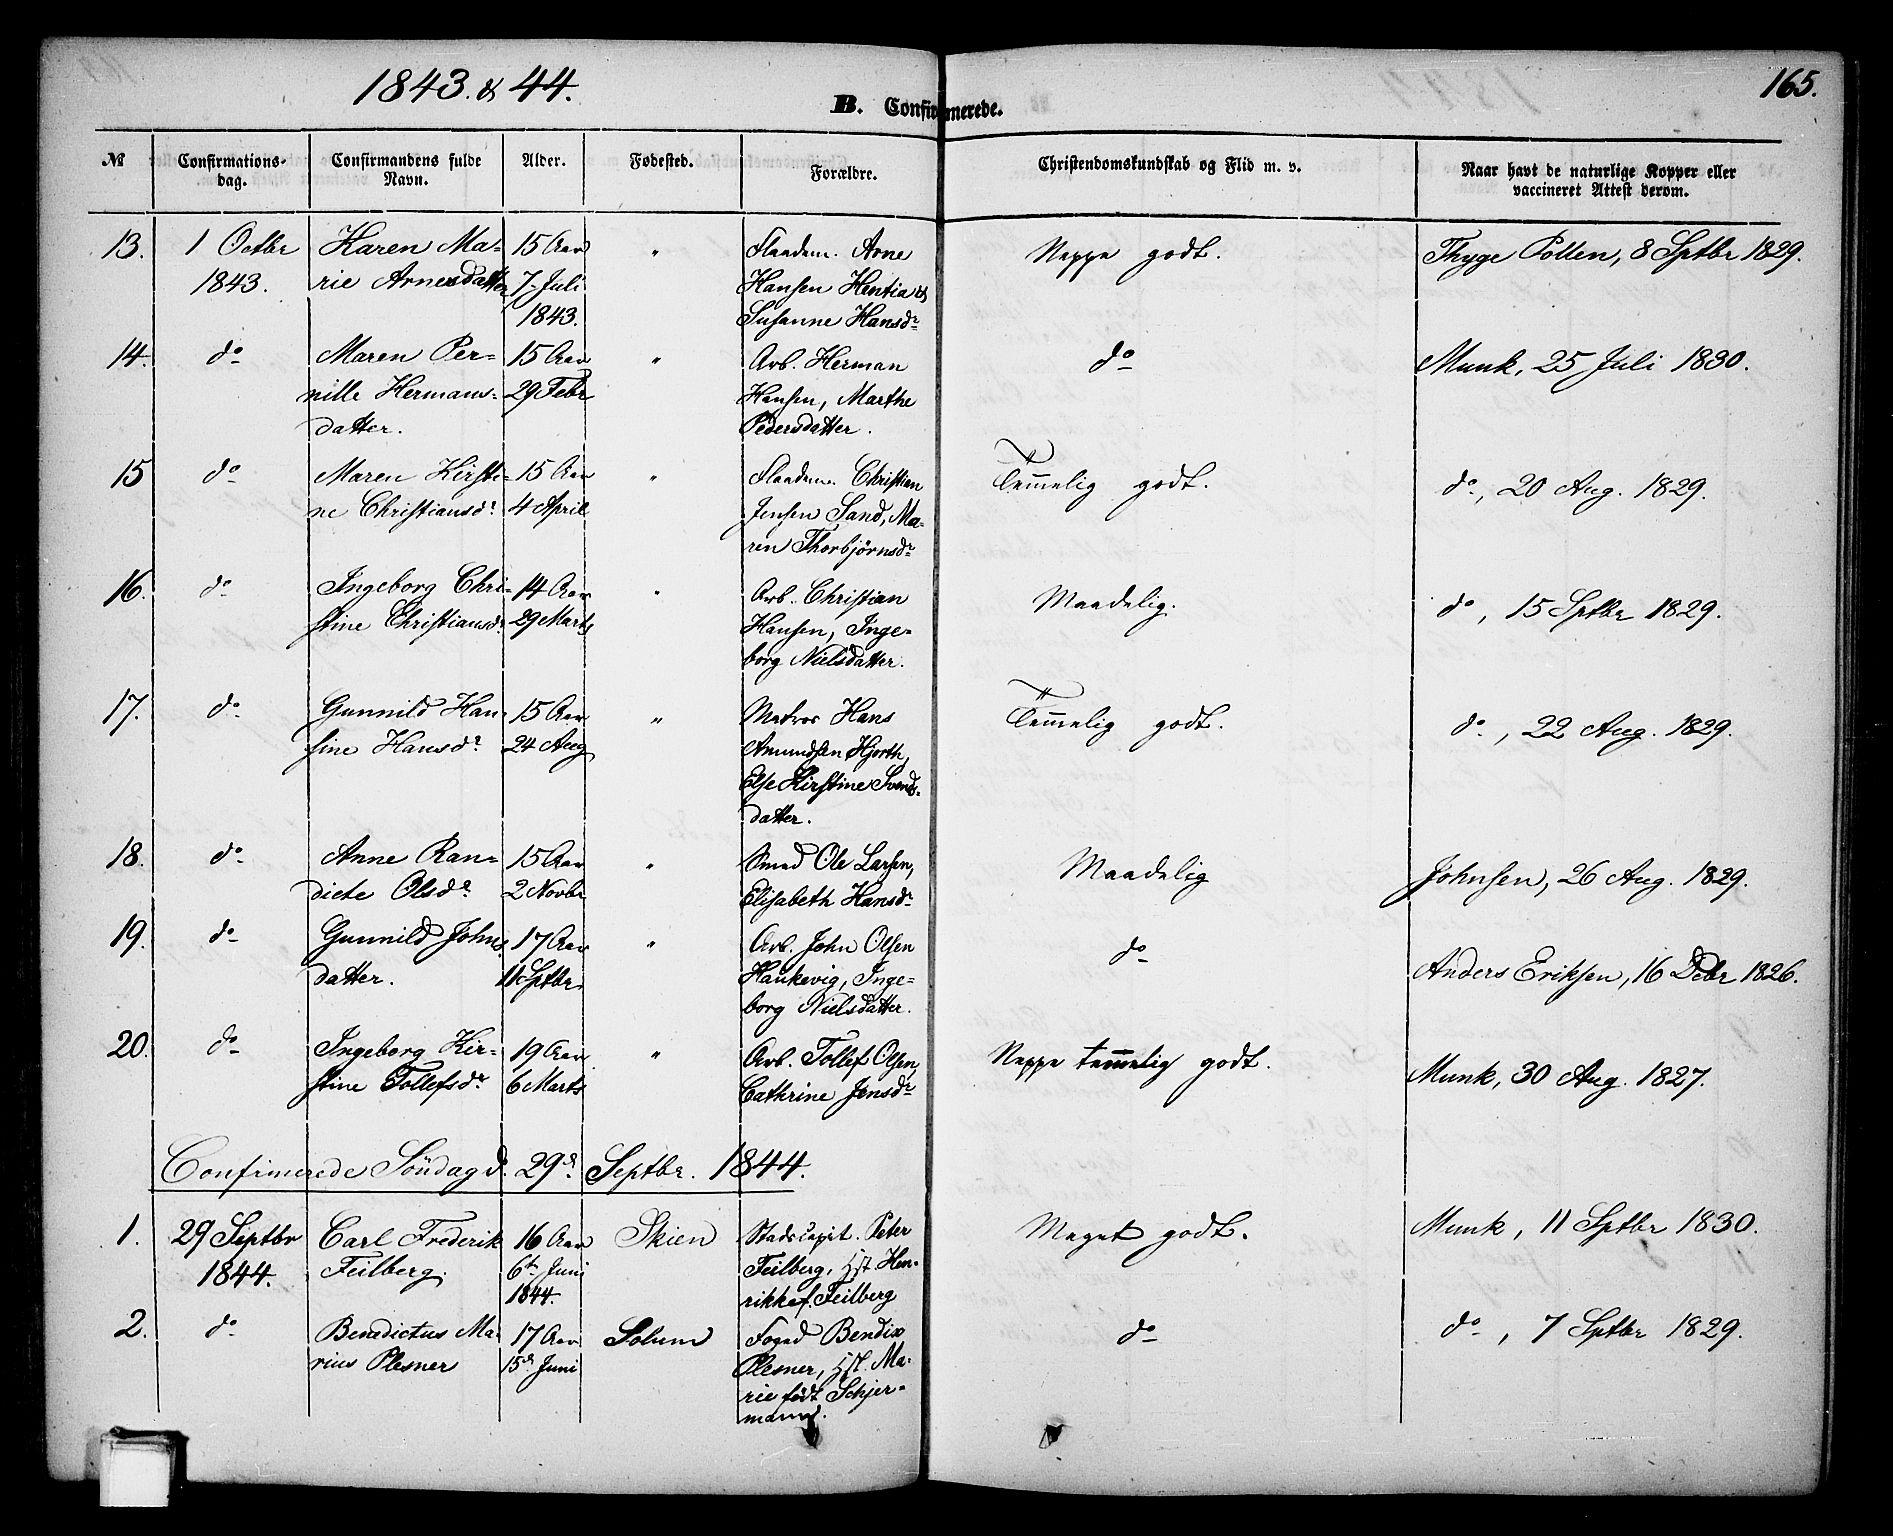 SAKO, Skien kirkebøker, G/Ga/L0004: Klokkerbok nr. 4, 1843-1867, s. 165